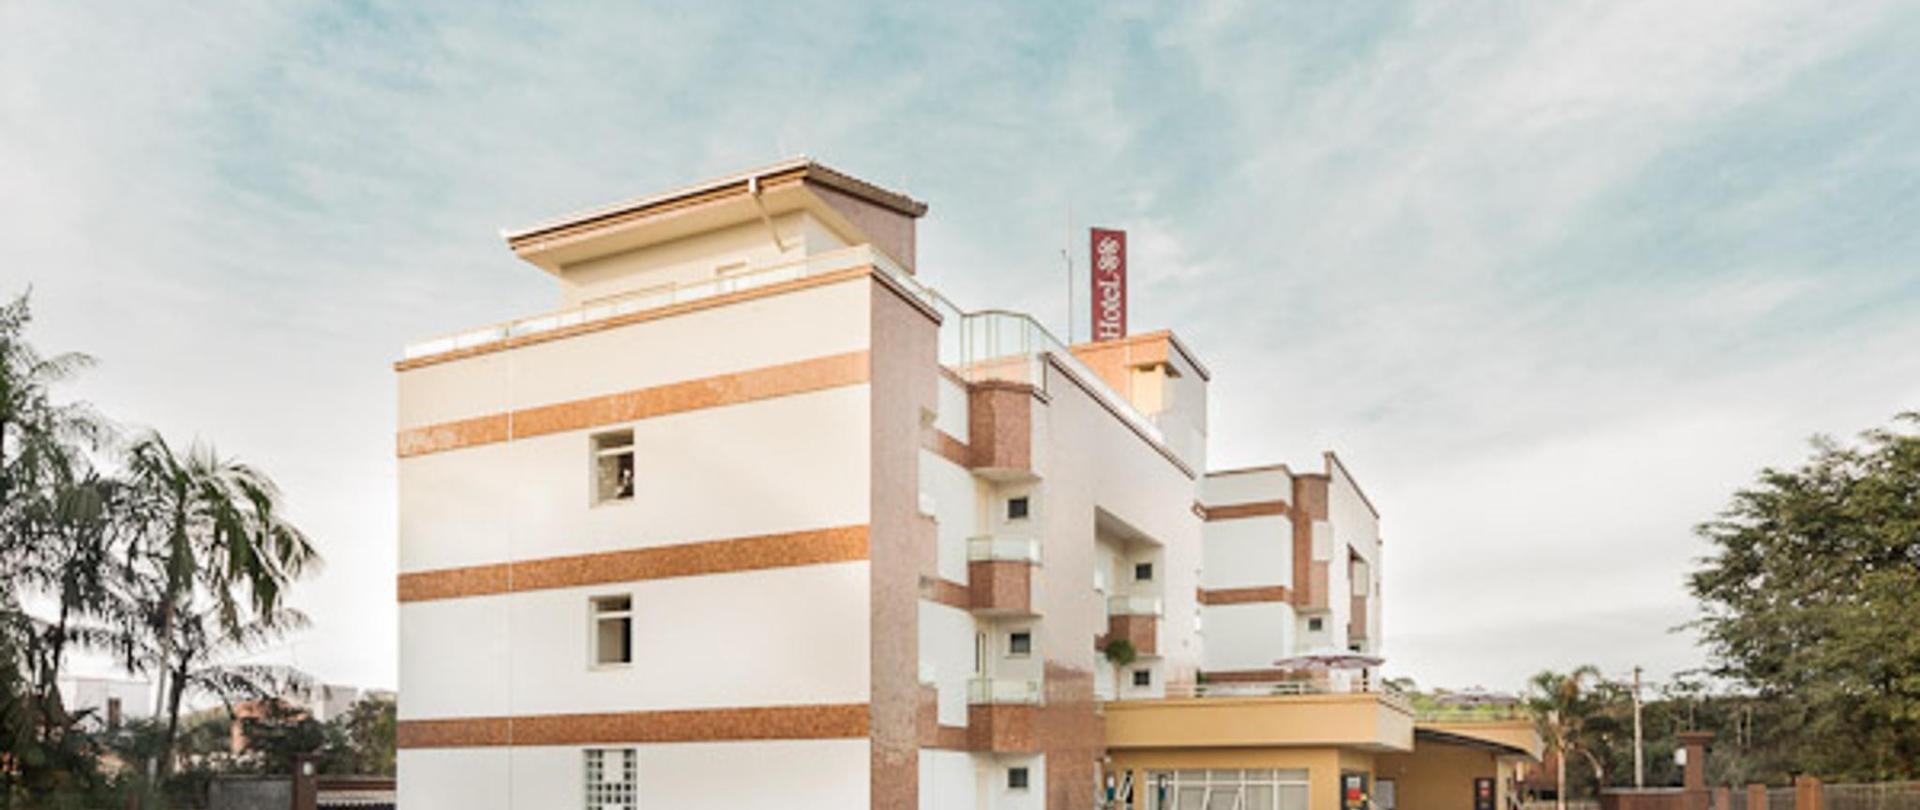 20120530_doishhotel-2.jpg